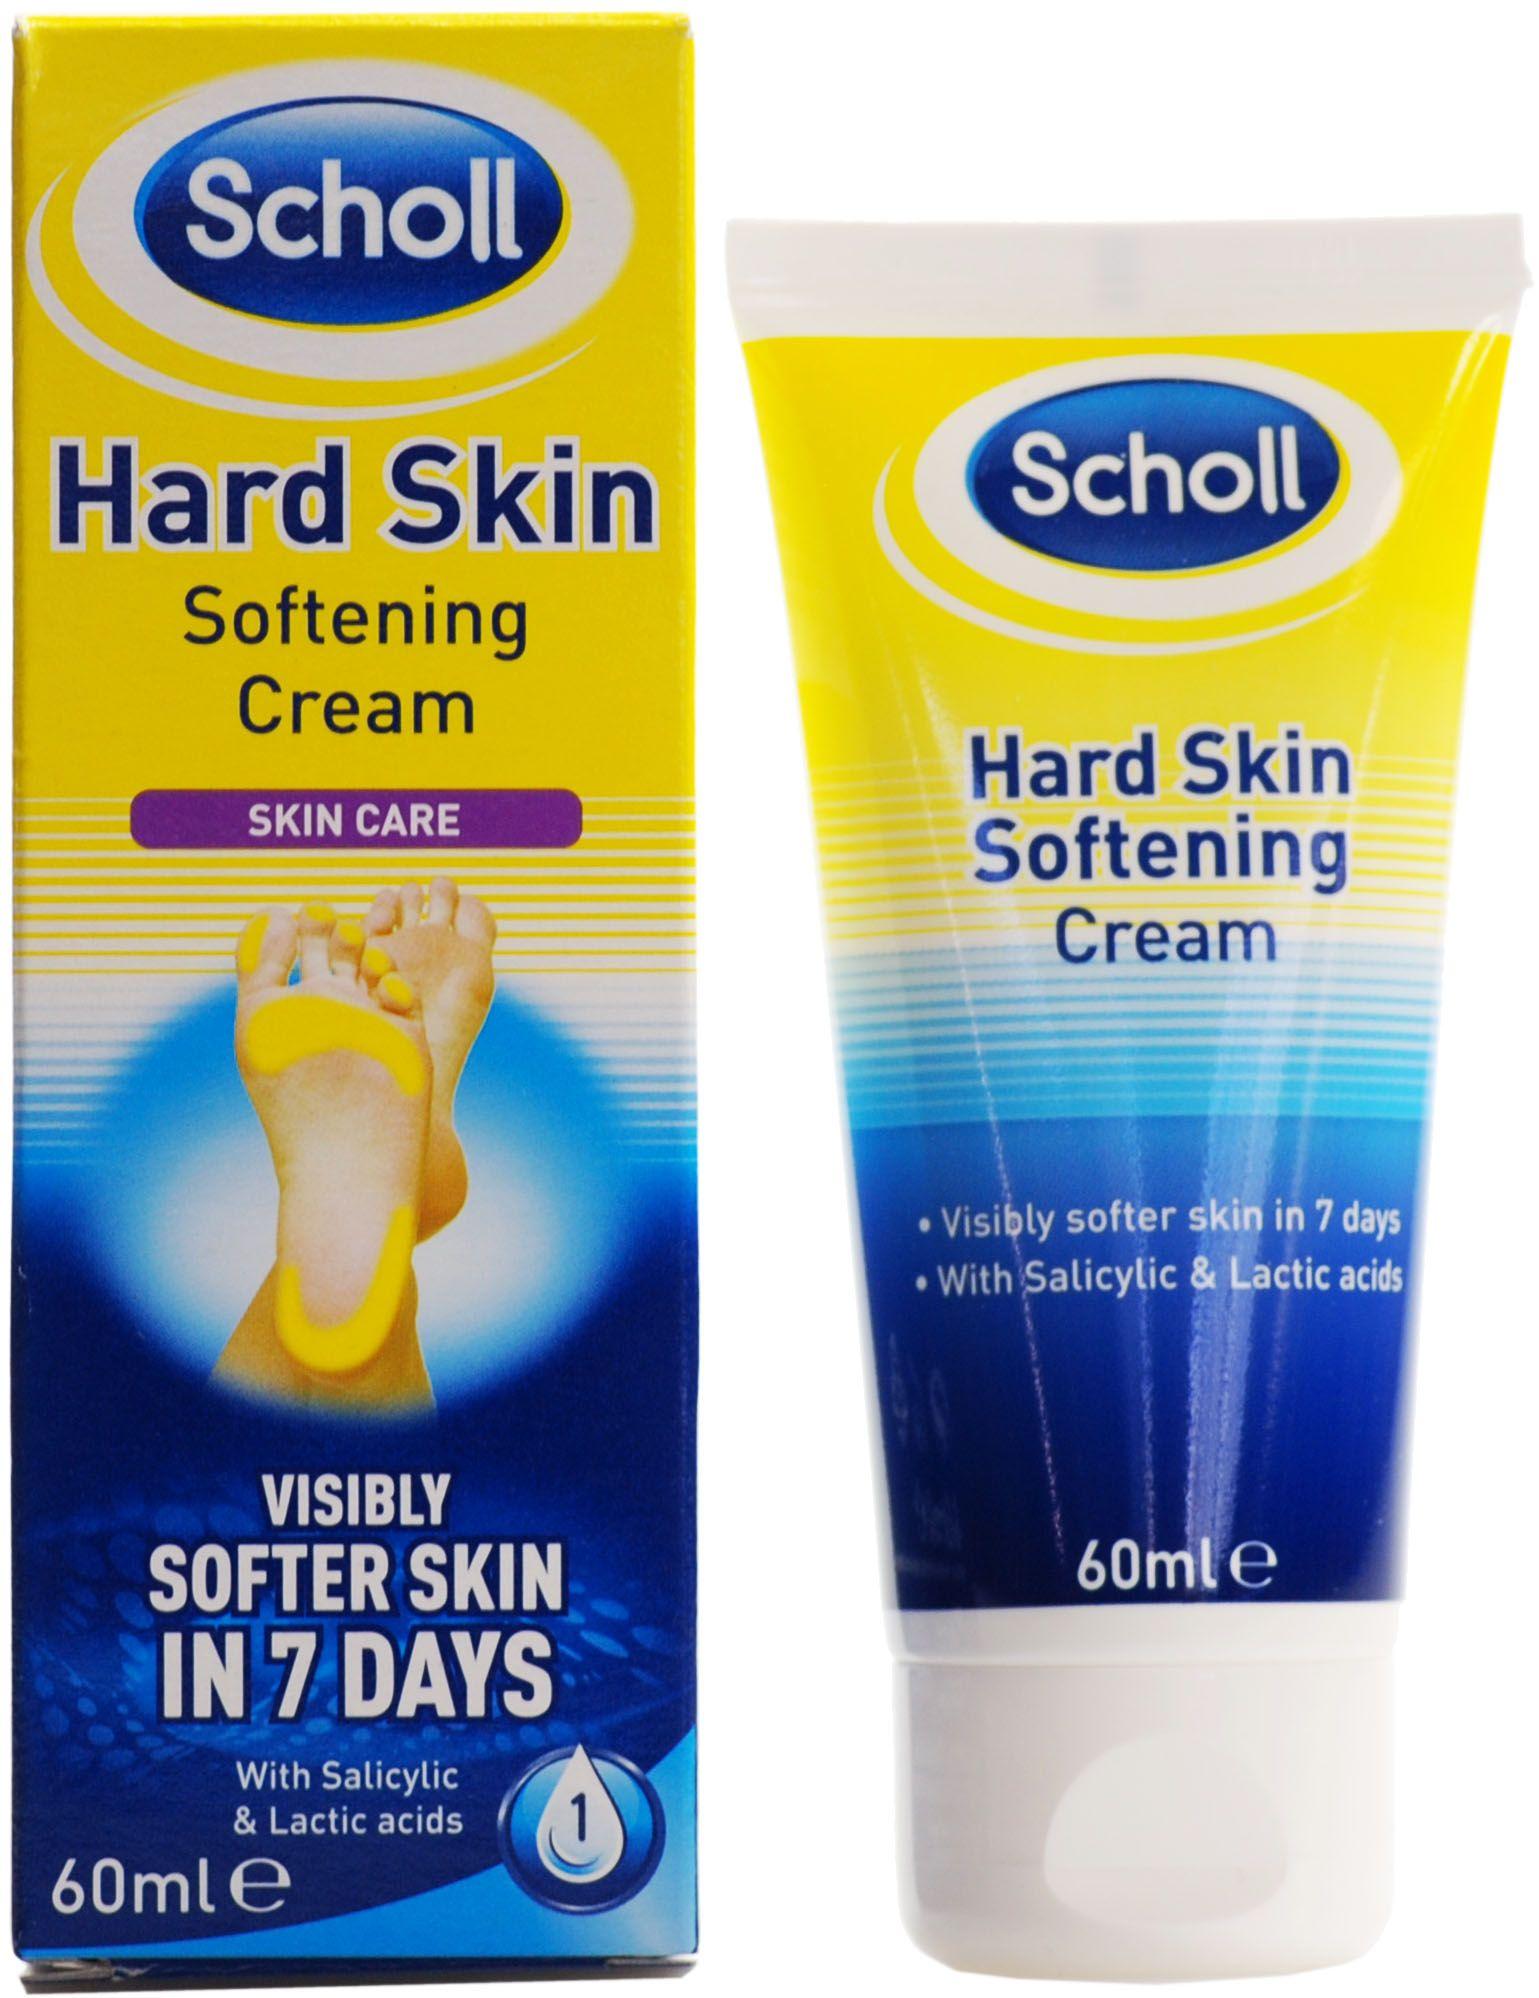 hard skin softening cream